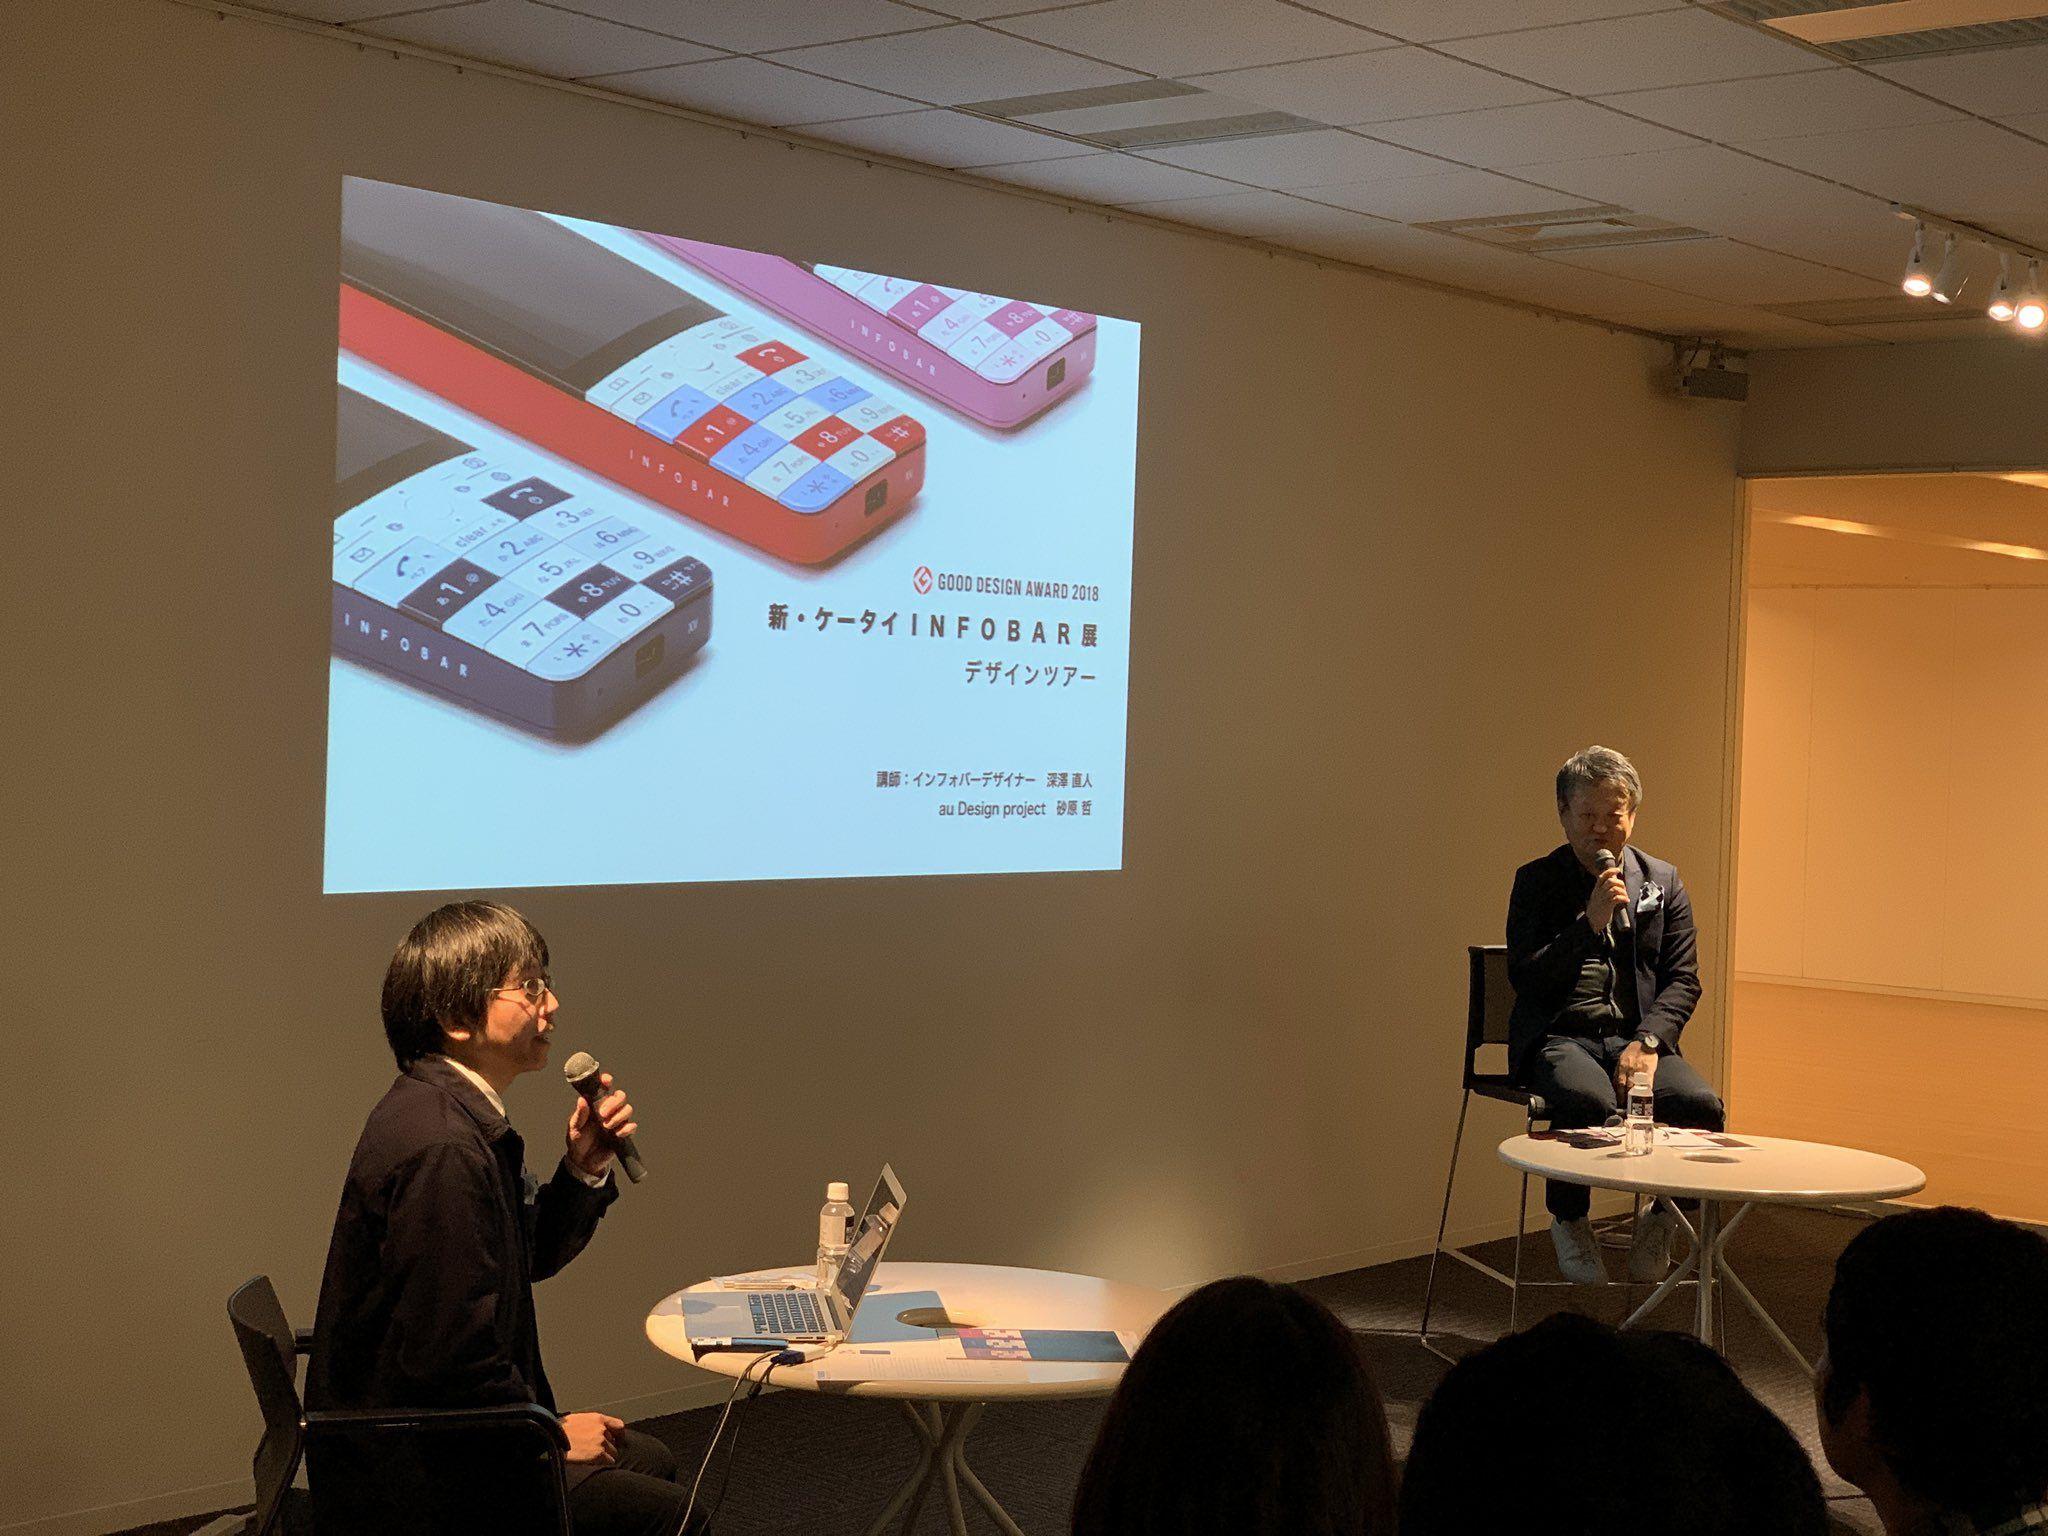 【レポート】グッドデザイン賞2018「新・ケータイ INFOBAR 展」デザインツアー